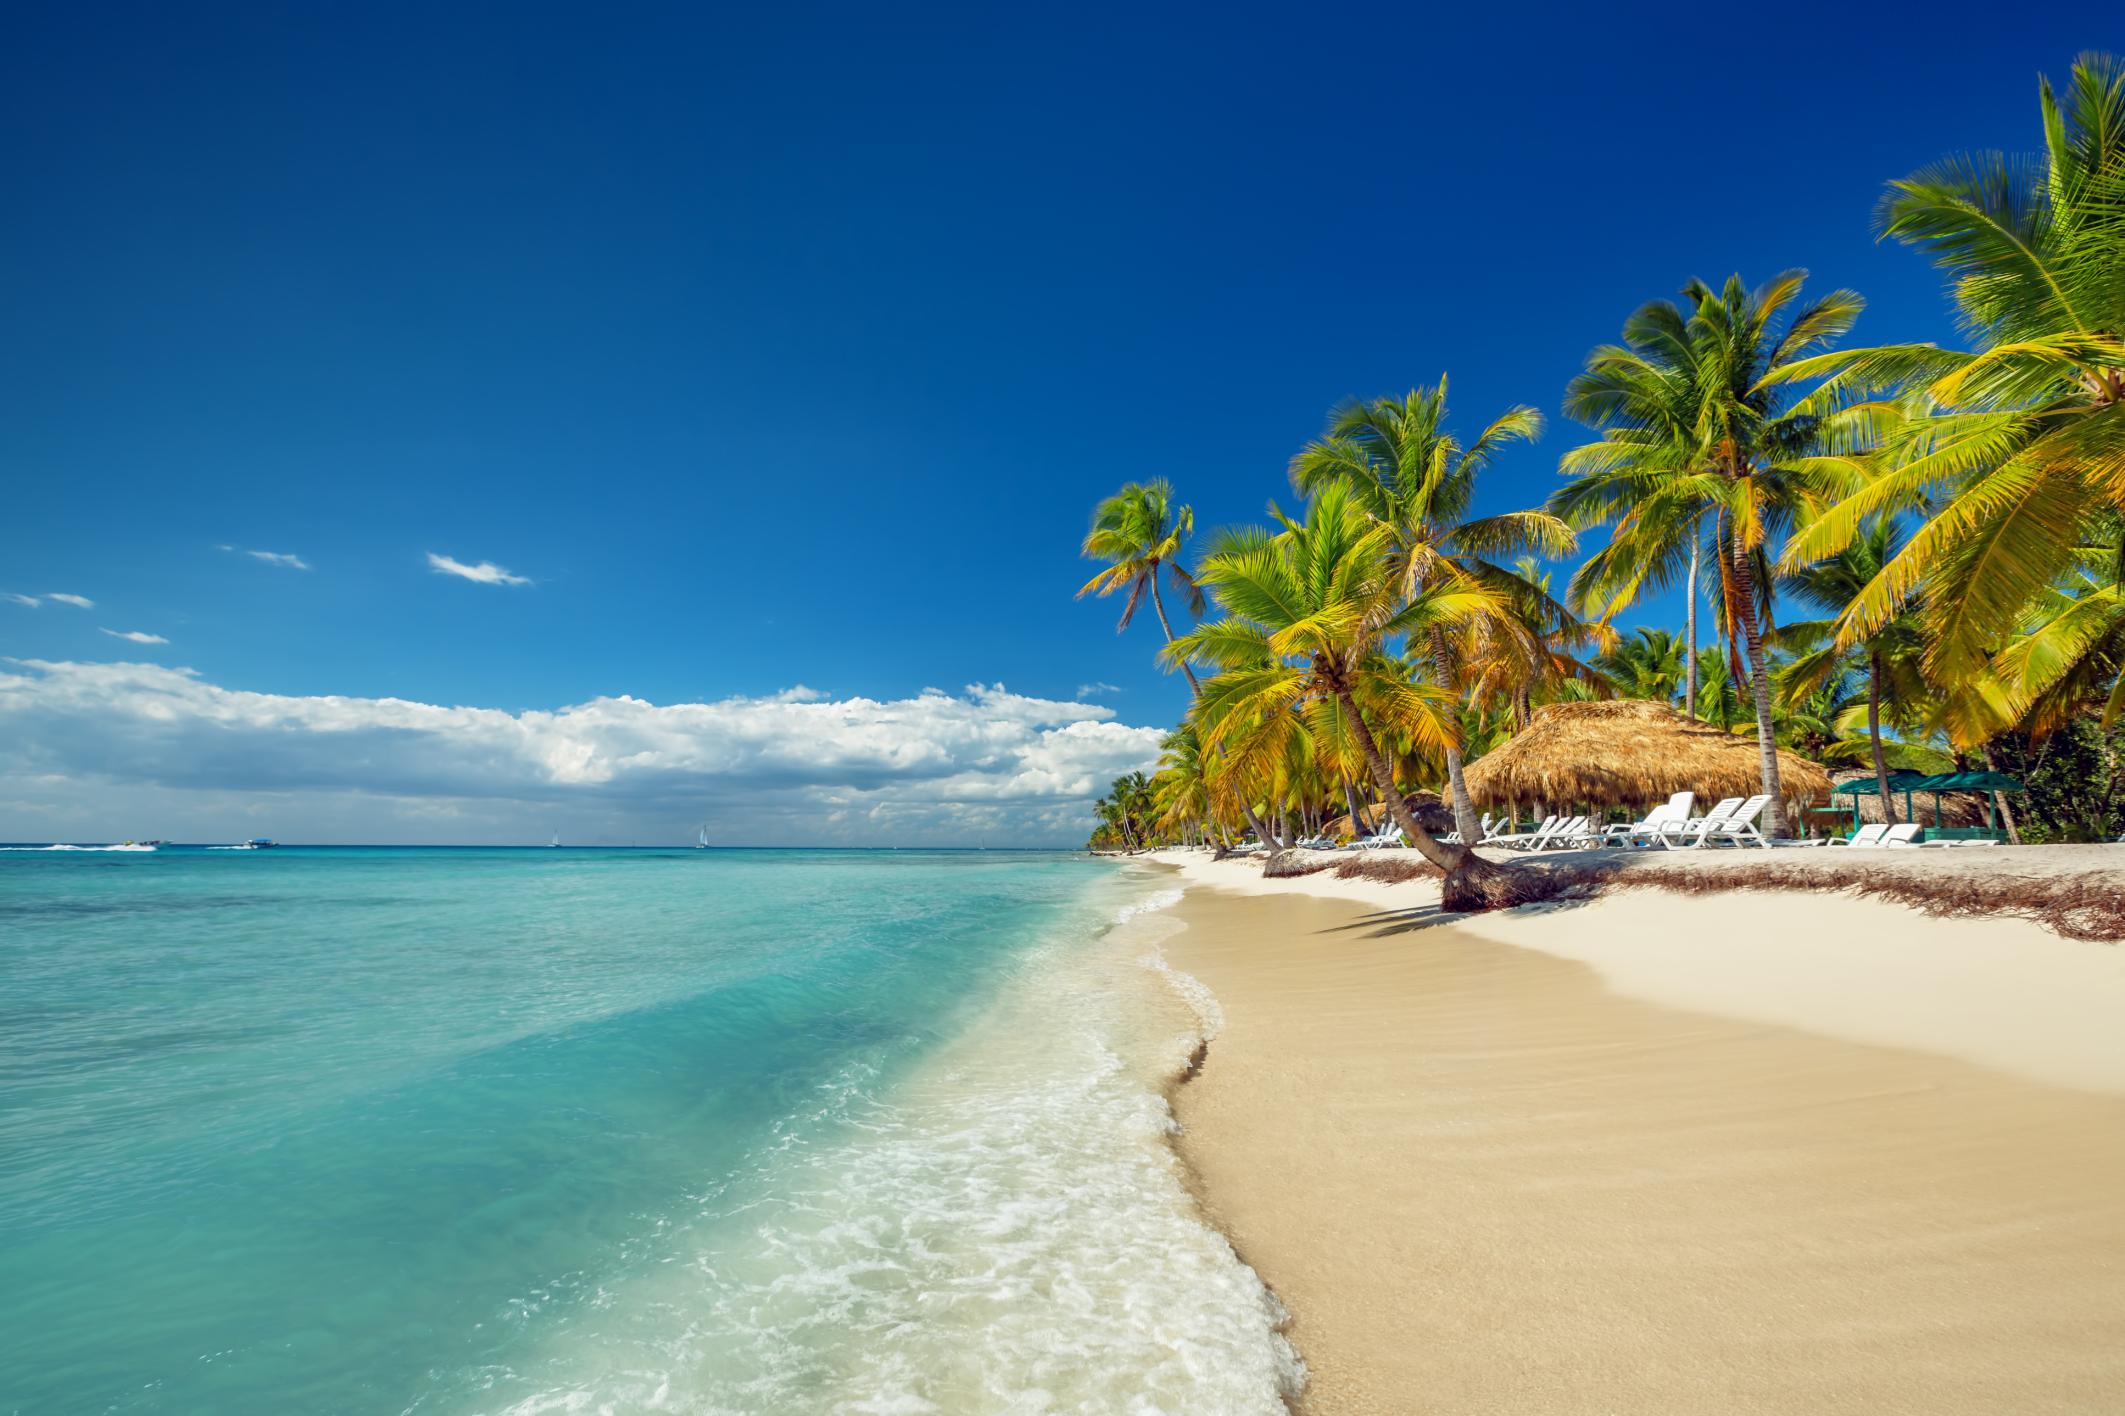 Dominikanska republiken kan vara det perfekta resmålet